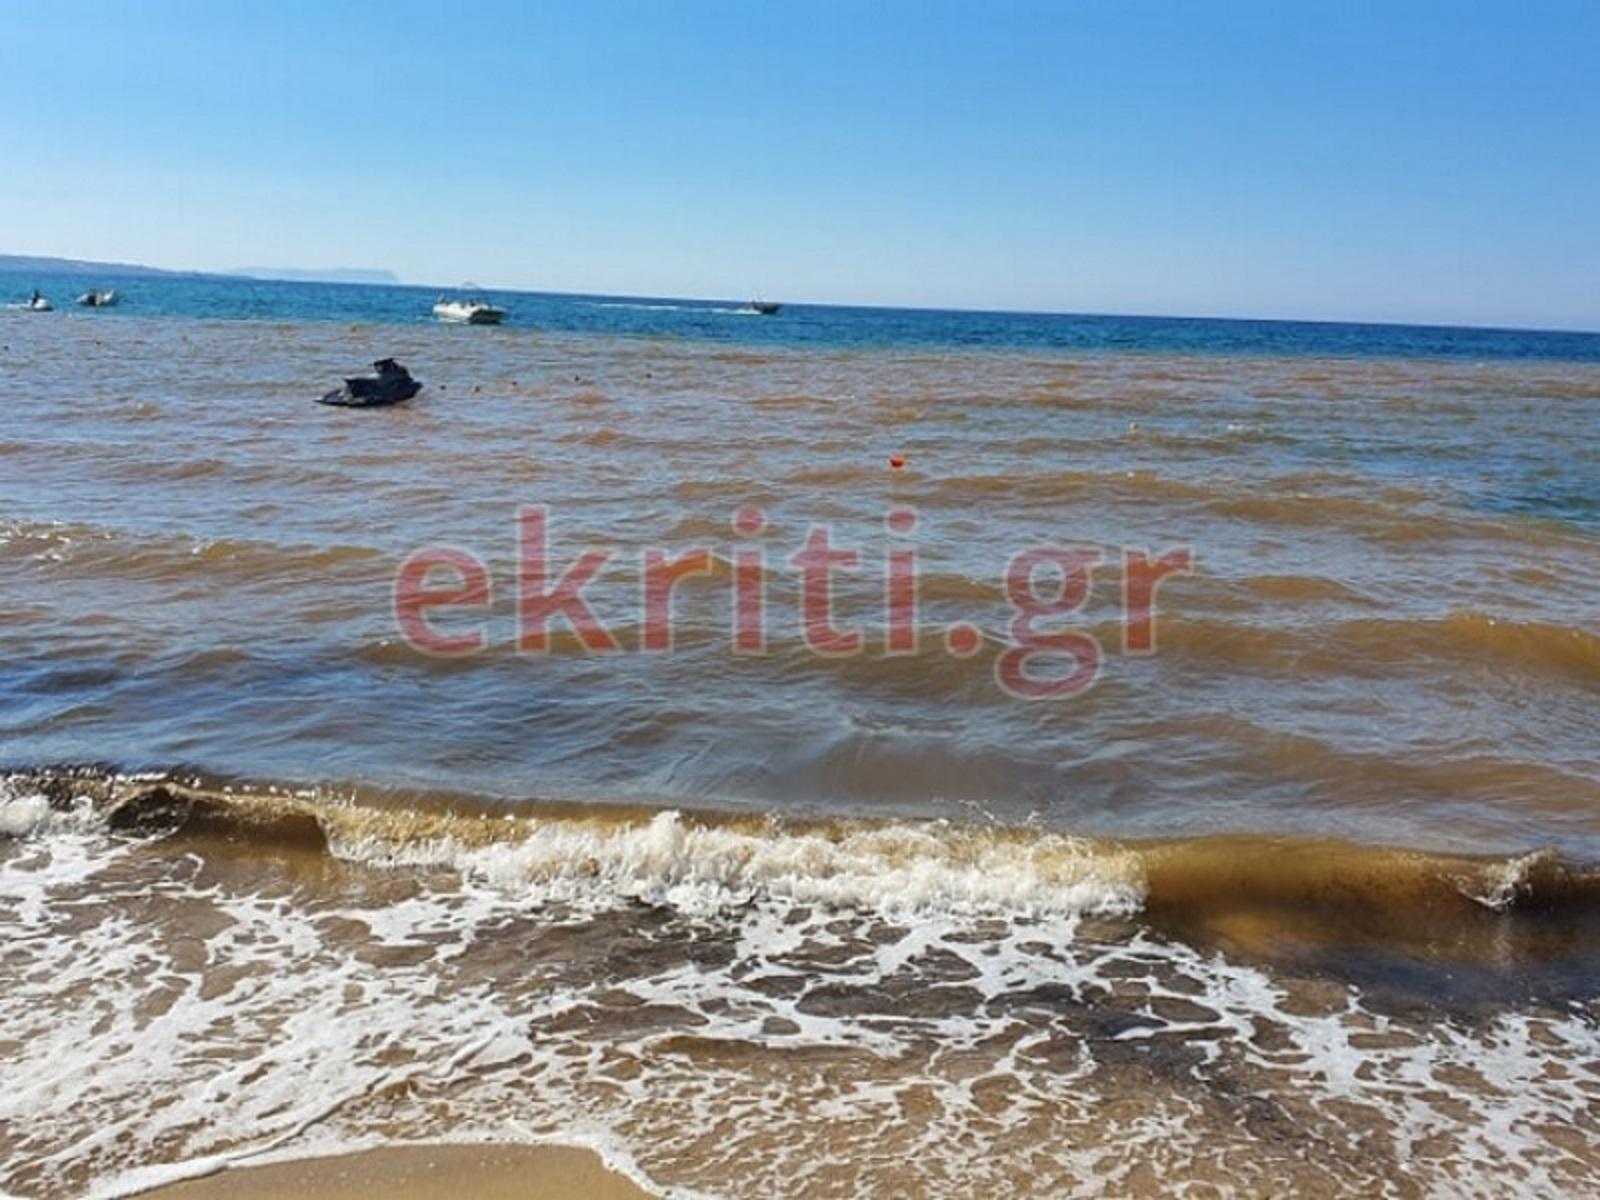 Ηράκλειο: Λύματα από ξενοδοχείο μετέτρεψαν τη θάλασσα σε βούρκο